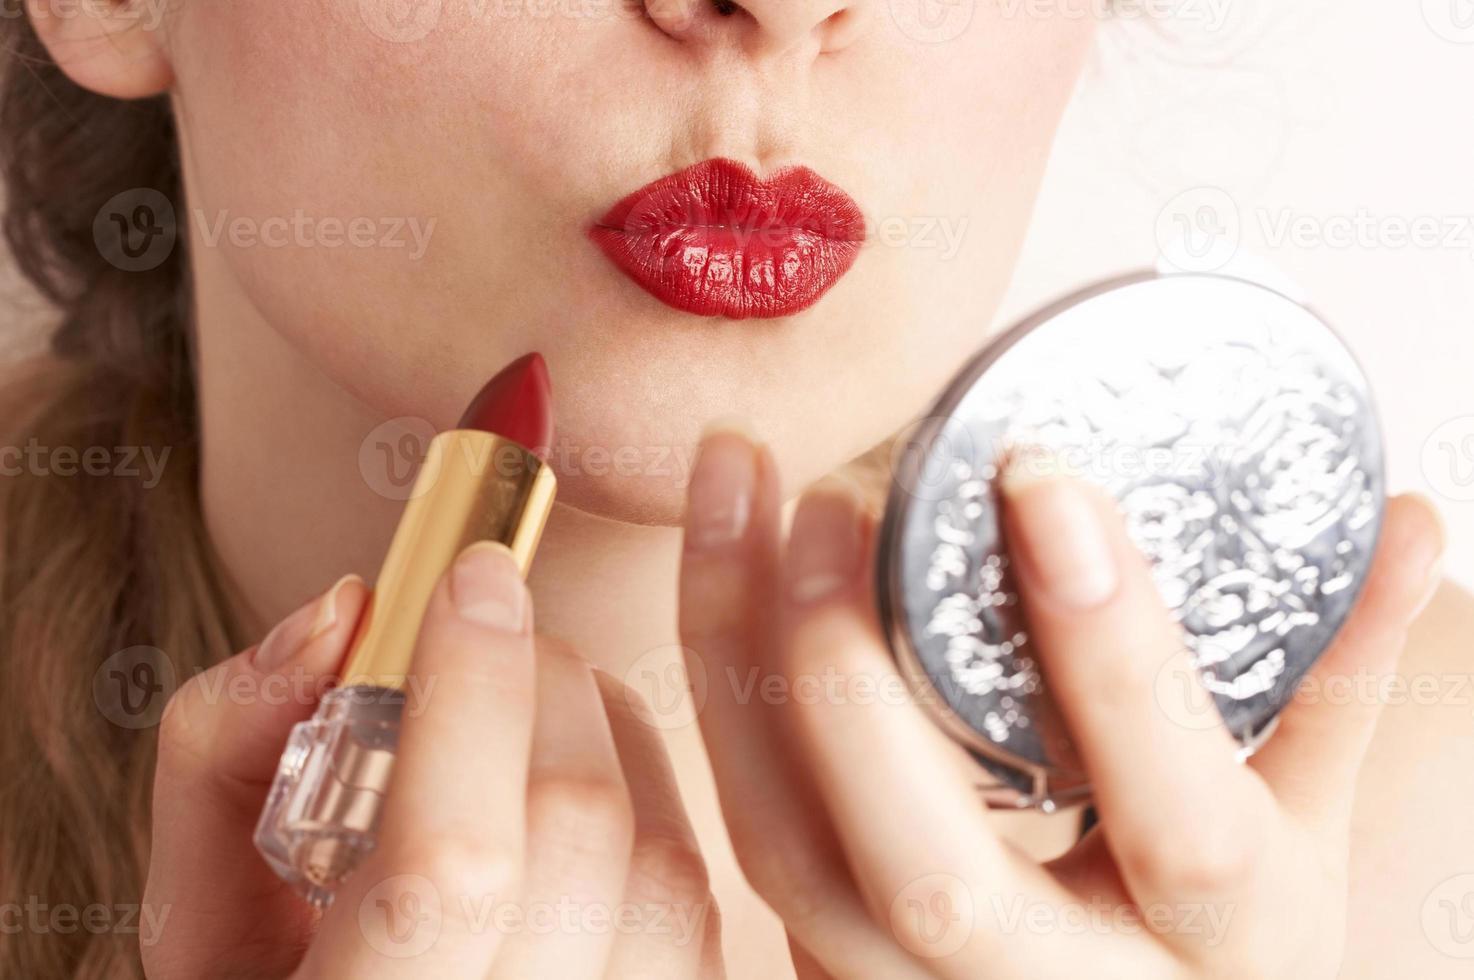 femme, demande, rouge lèvres, quoique, regarder main, miroir photo